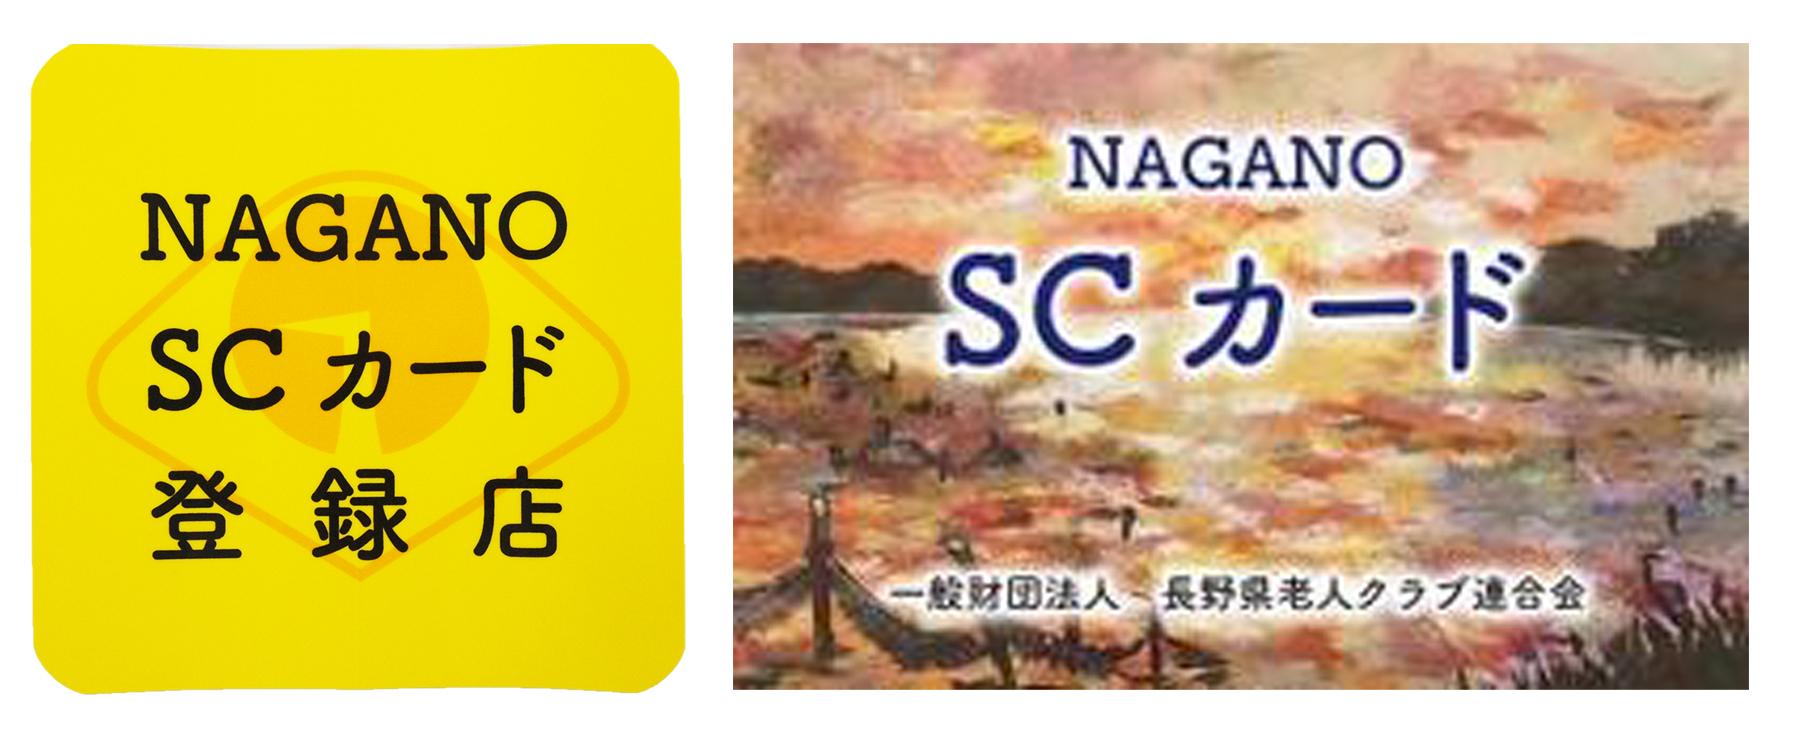 NAGANO SCカード